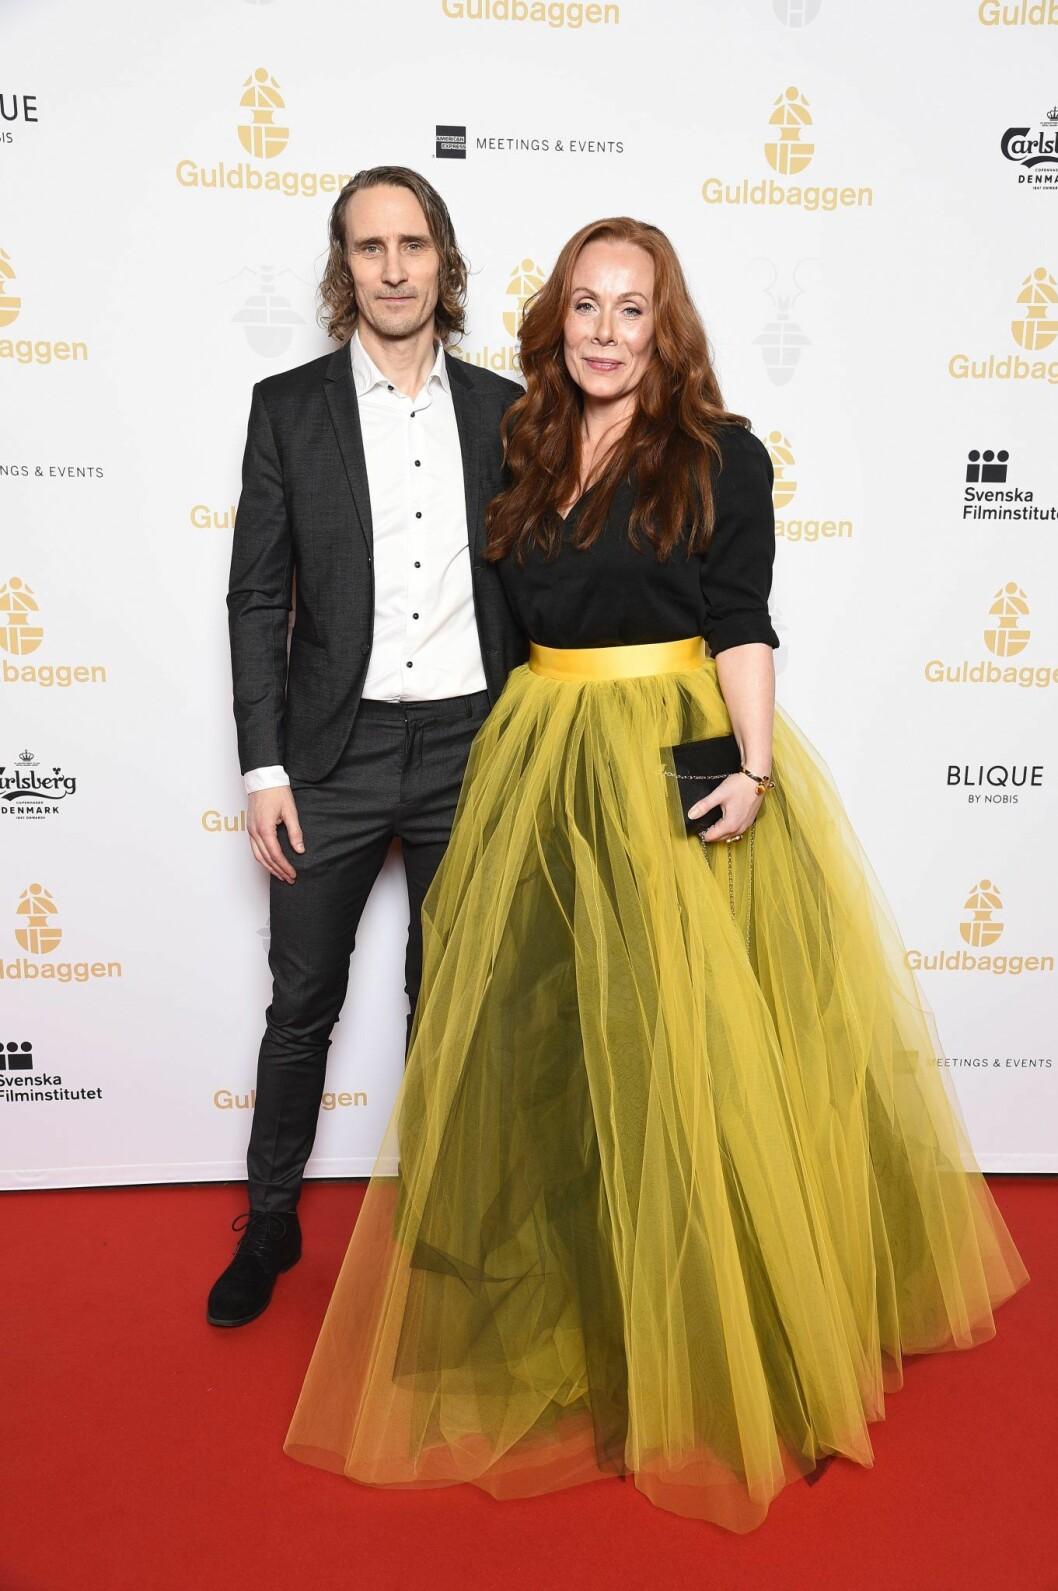 Rachel Molin och Håkan Messing